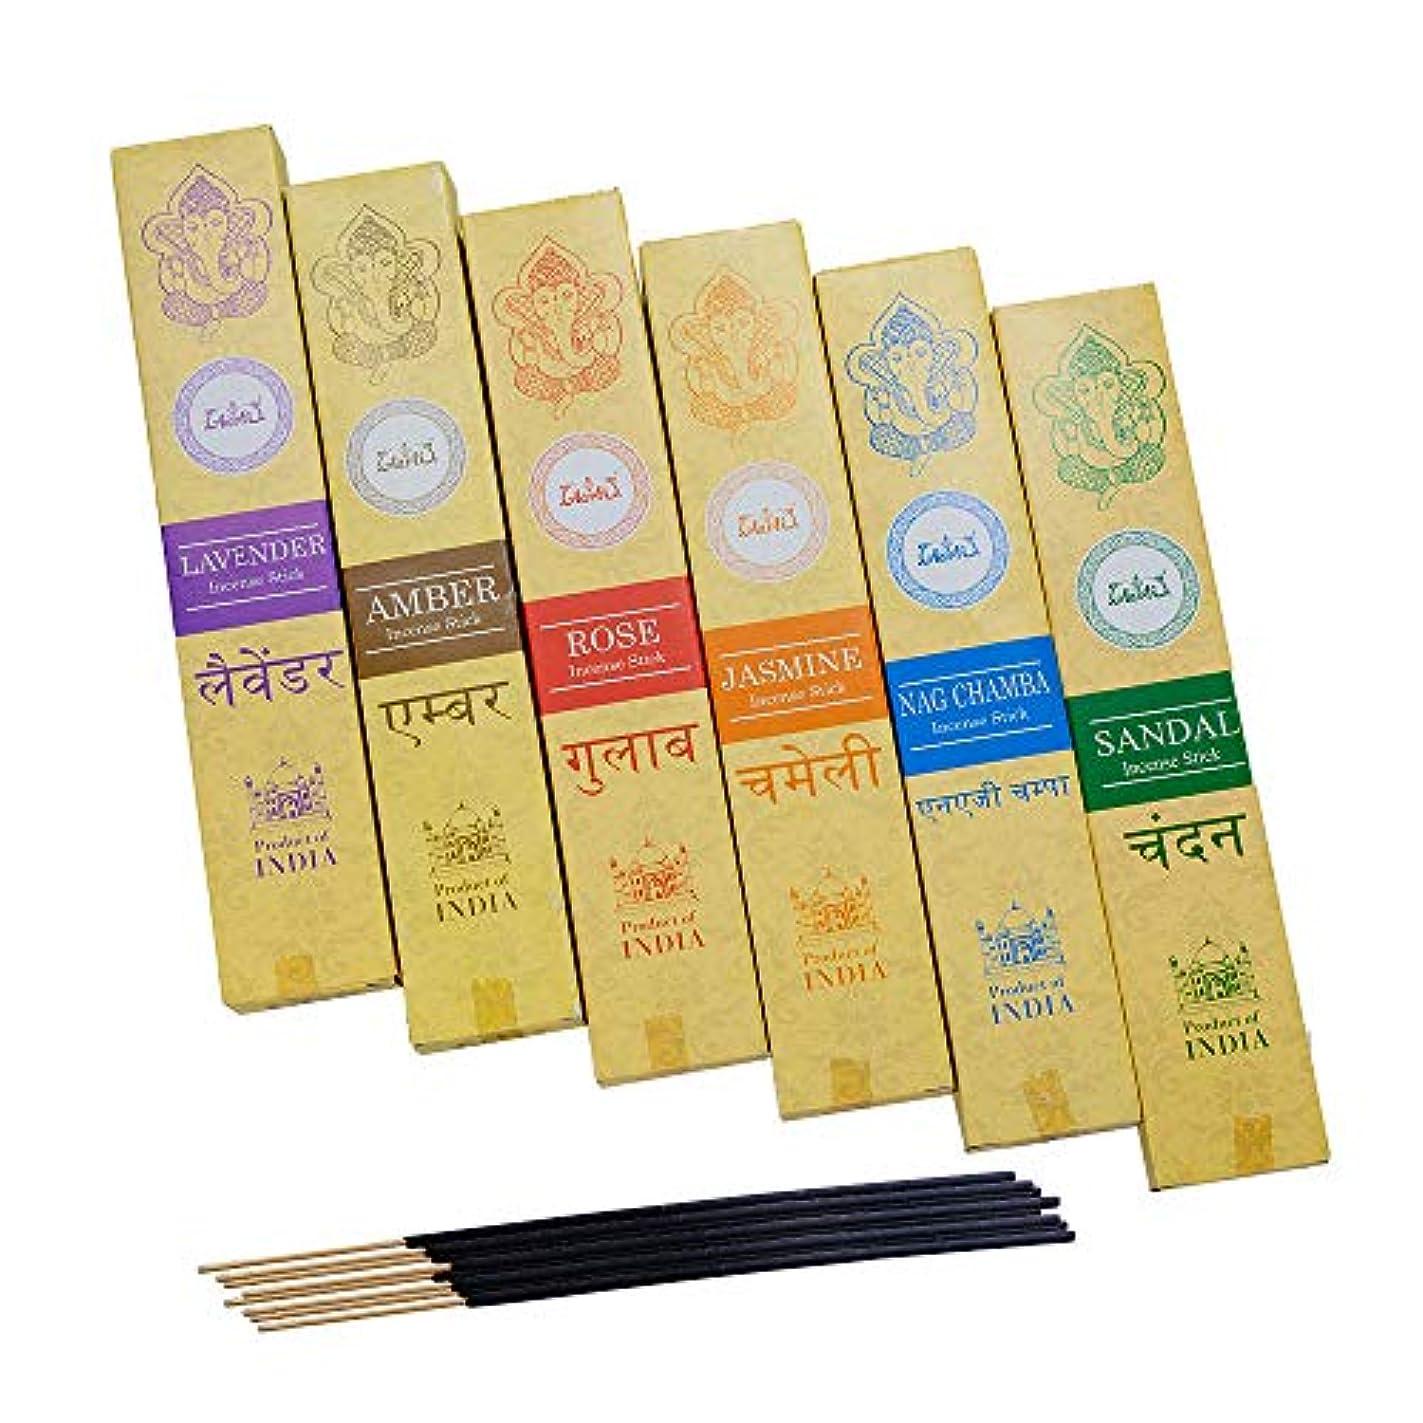 モネ燃やすアクセシブル神戸アールティー インド お香 6種類 セット スティック インセンス